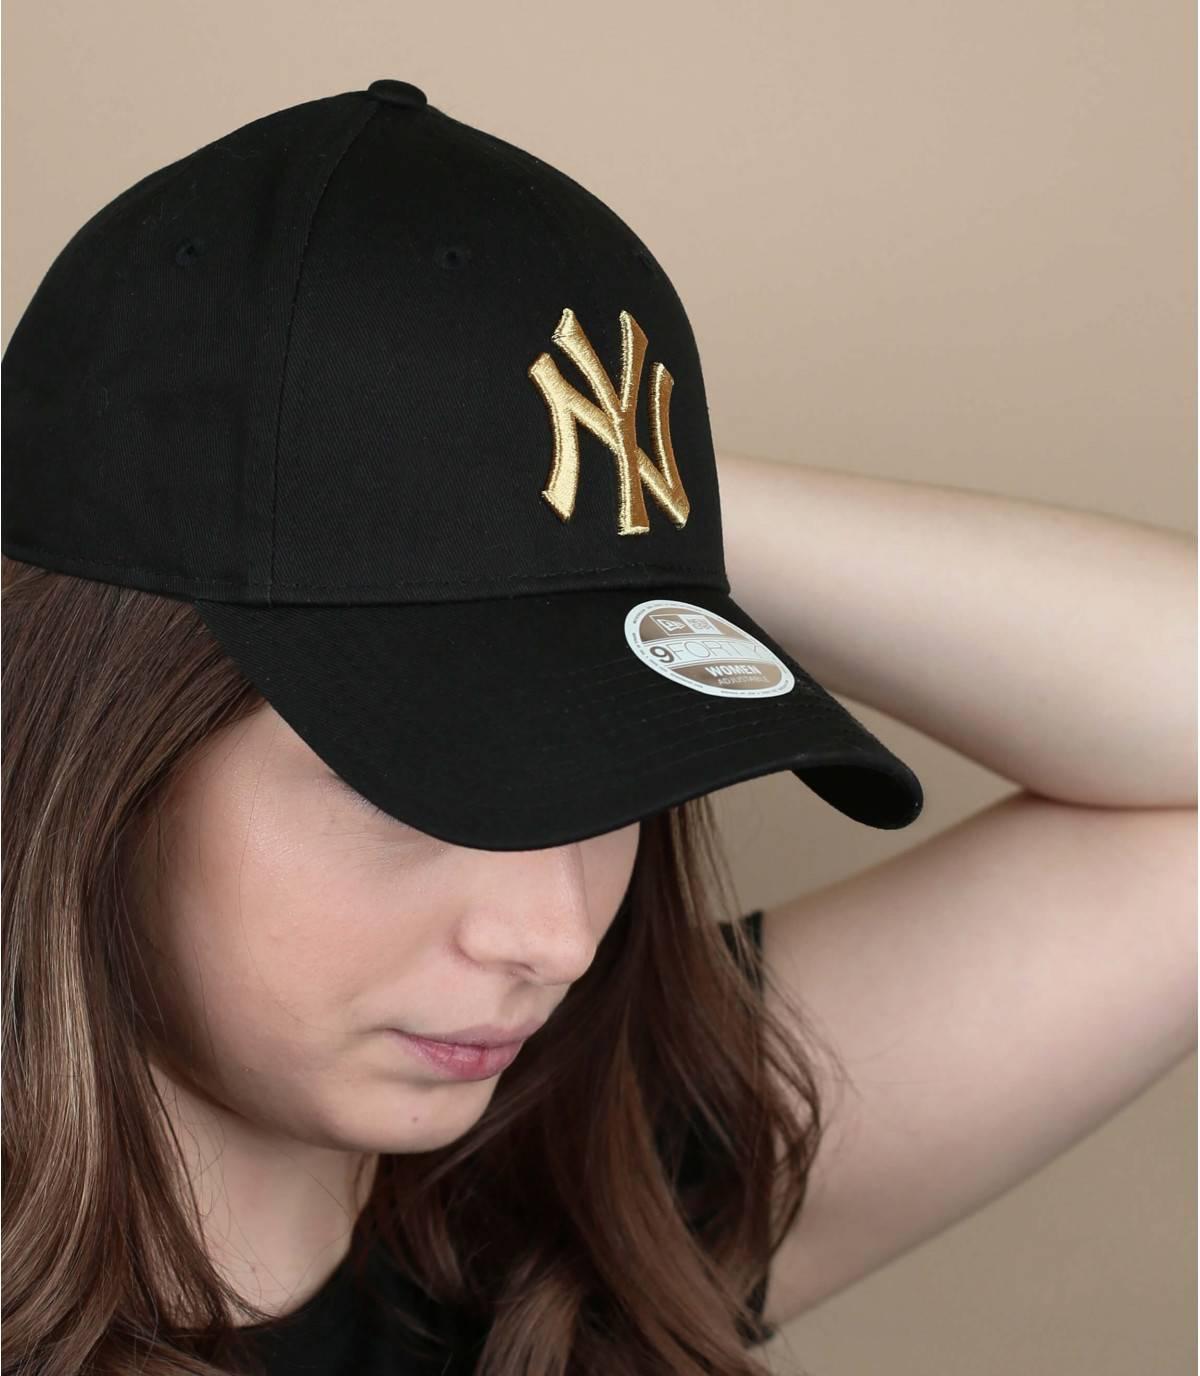 gorra mujer negro oro